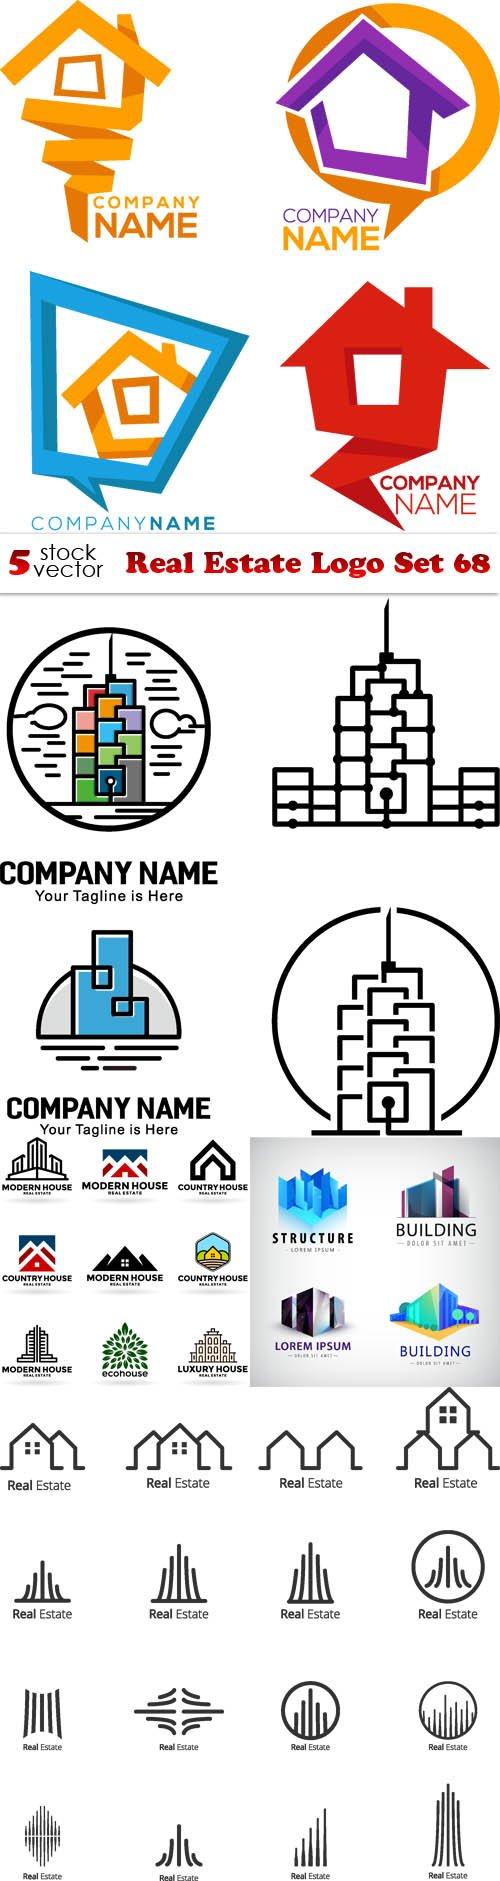 Vectors - Real Estate Logo Set 68